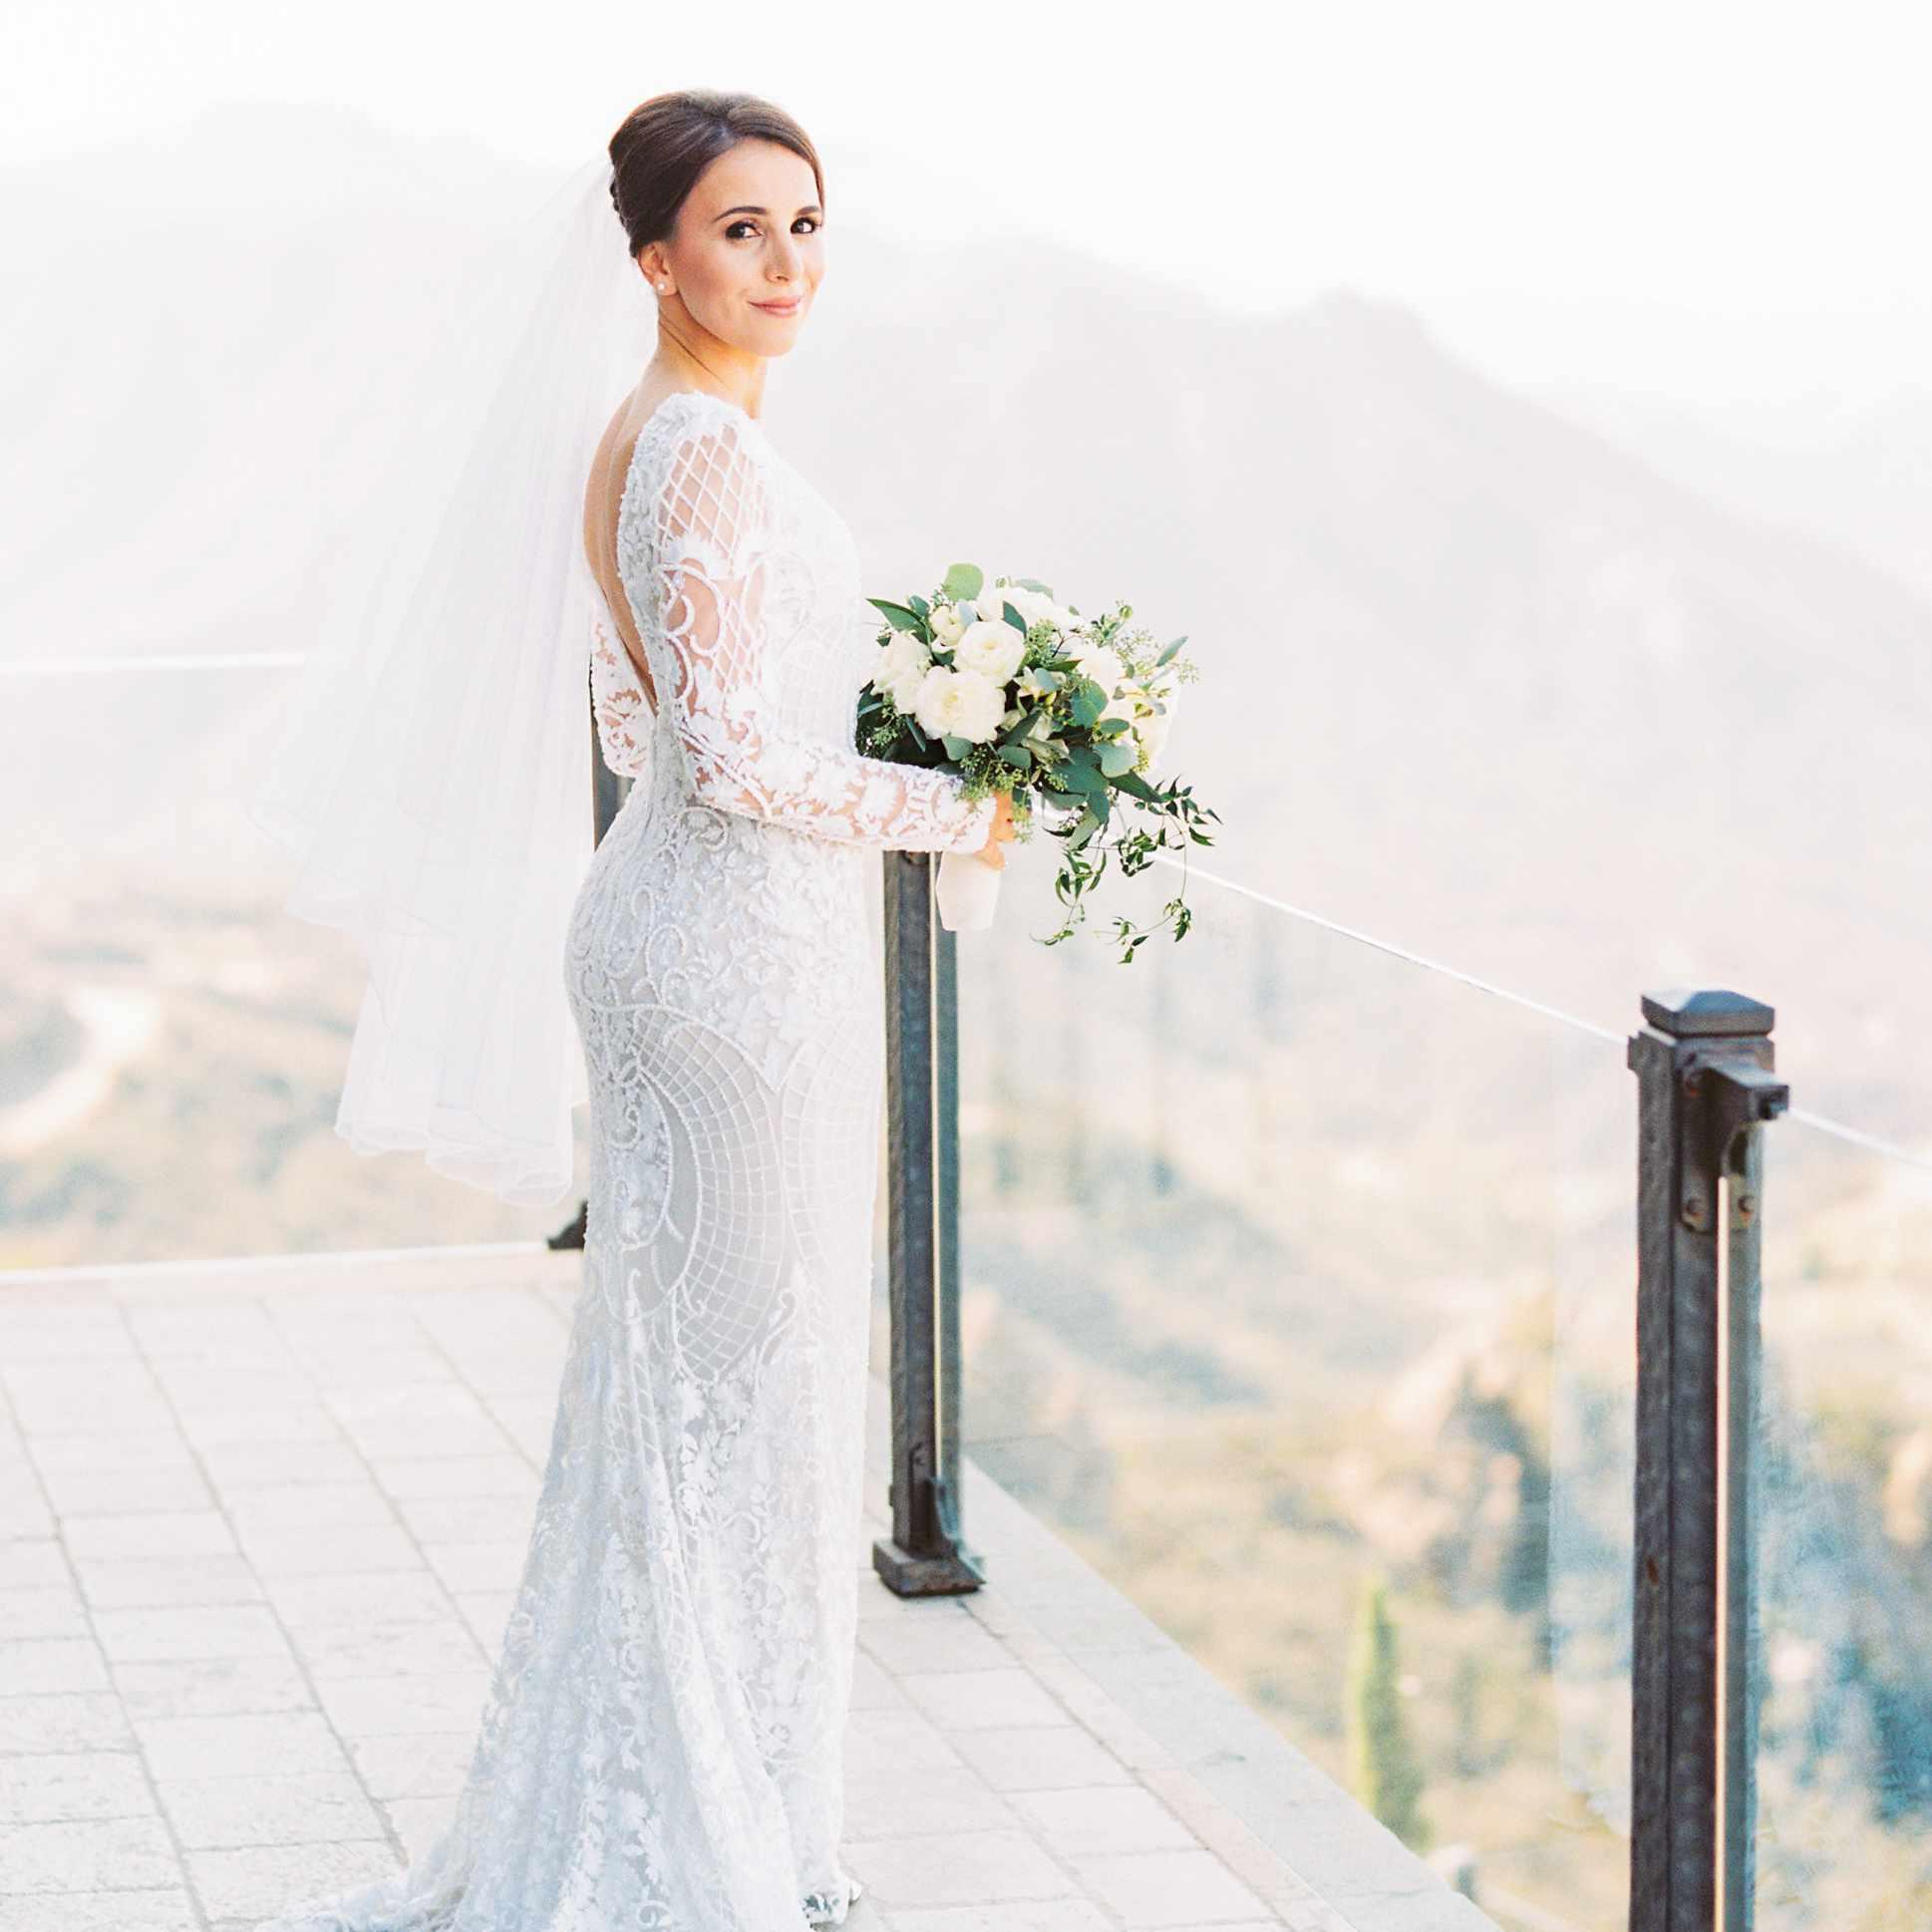 Full body bride solo shot